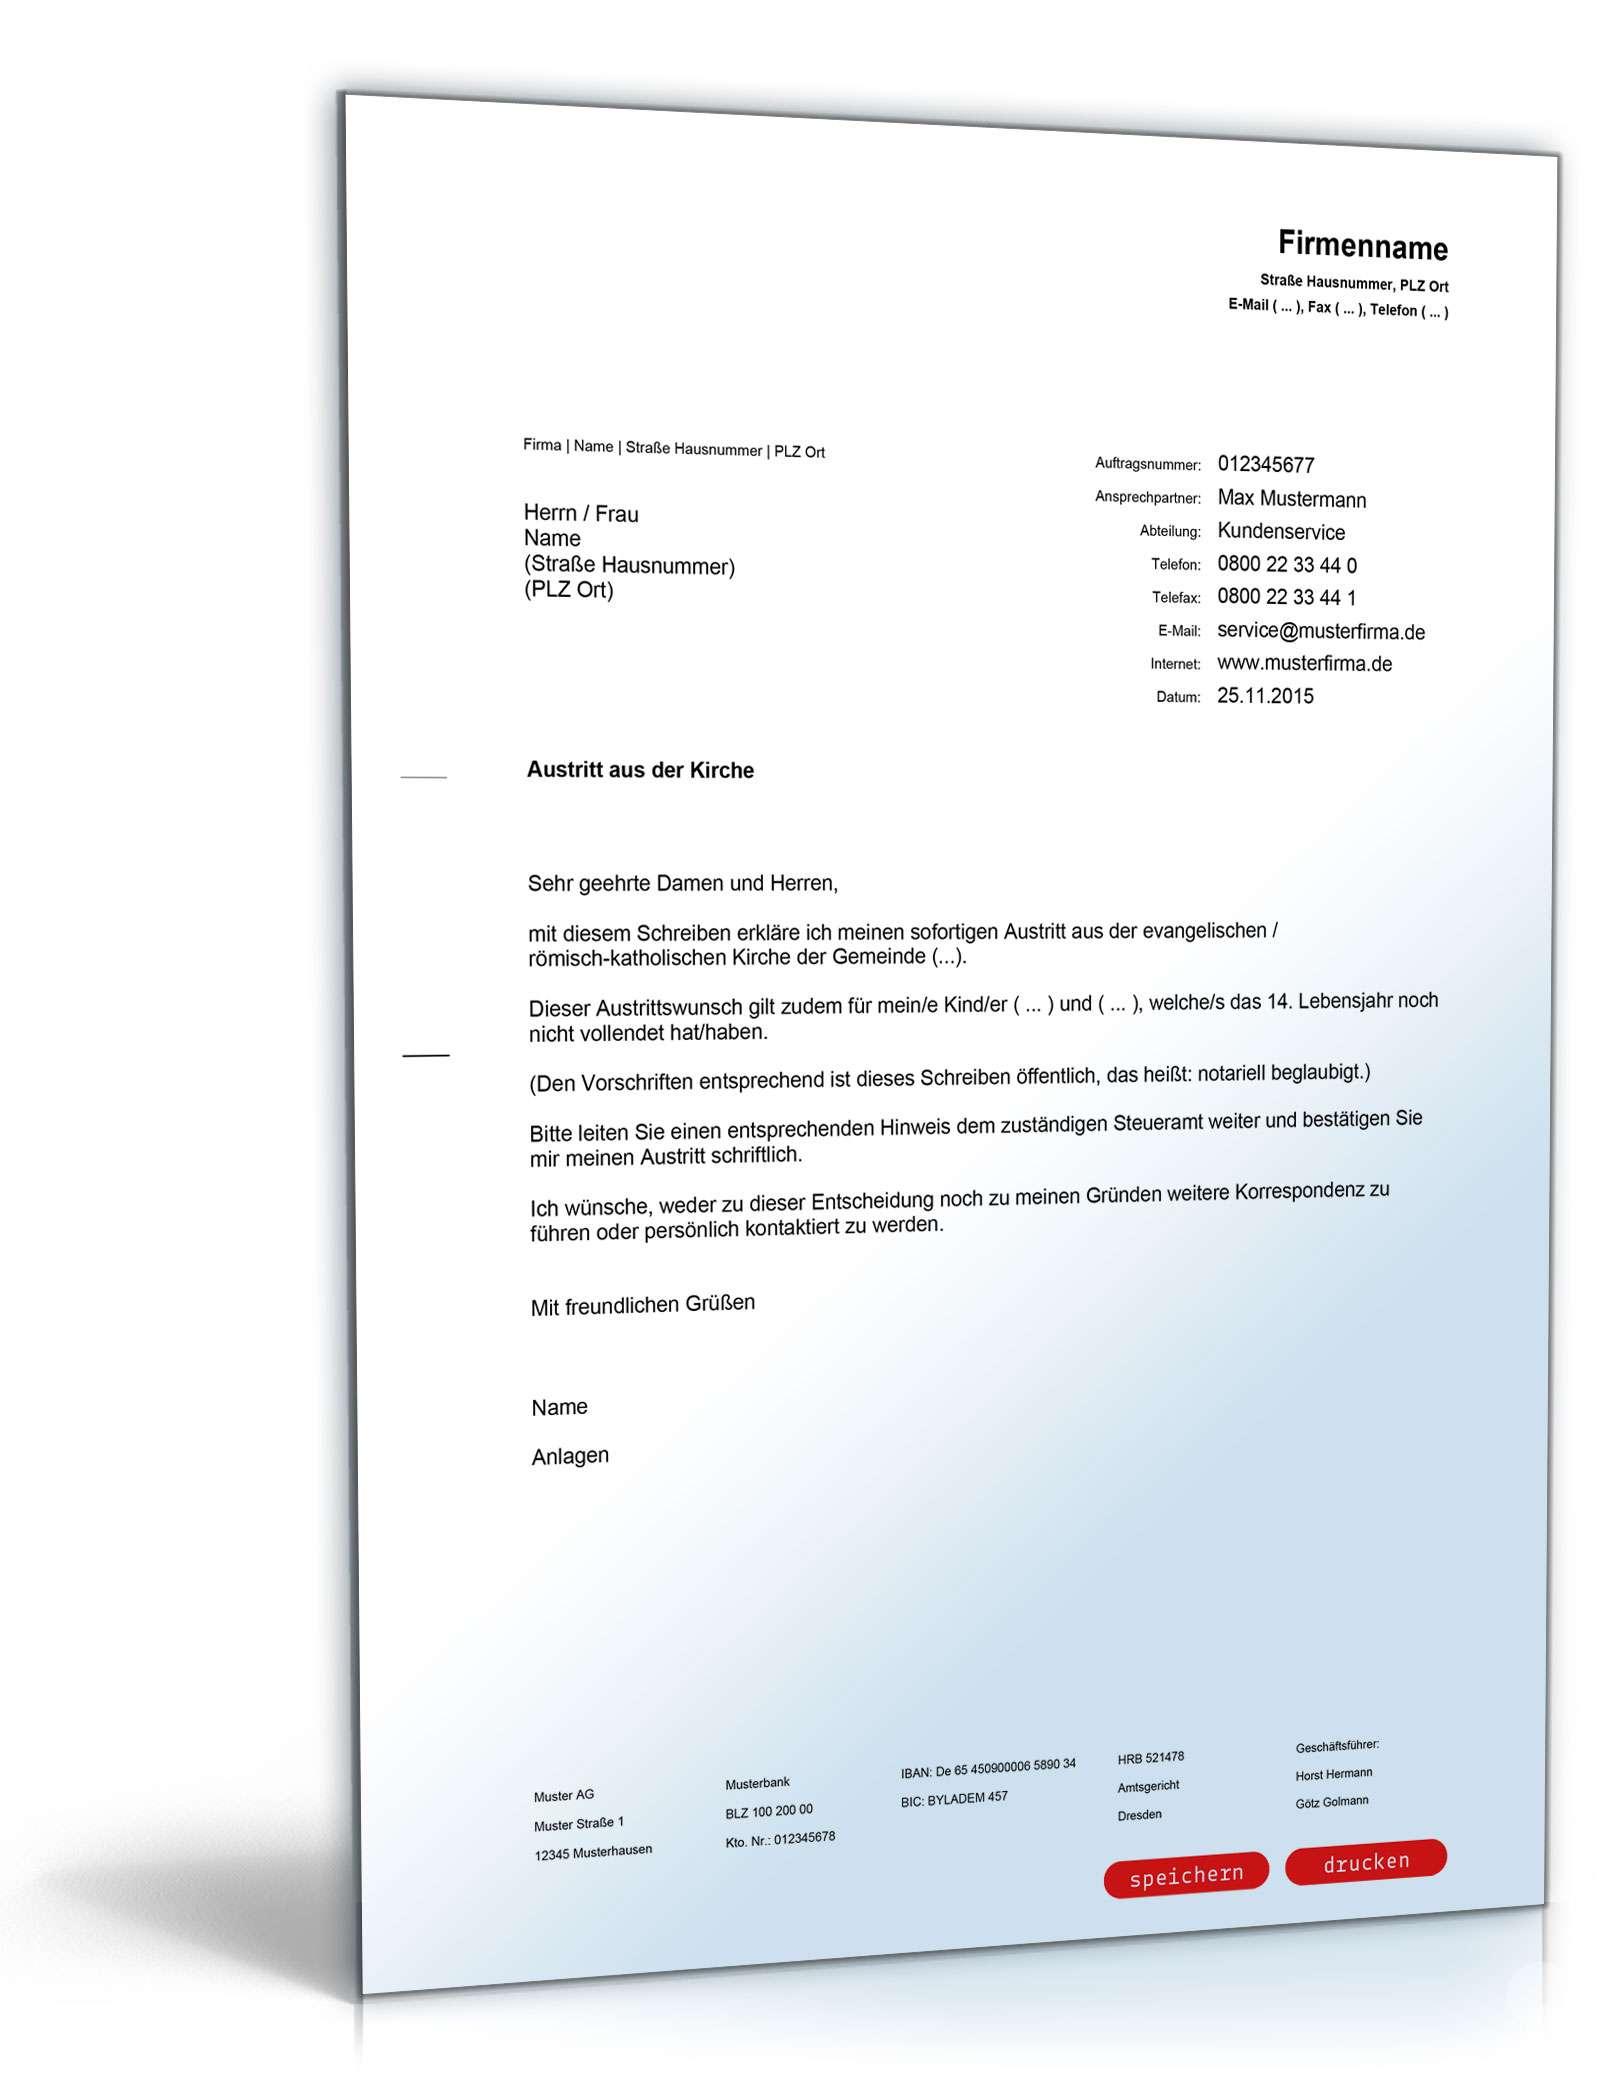 Fahrtkostenerstattung Beantragen Arbeitsrecht 2021 8